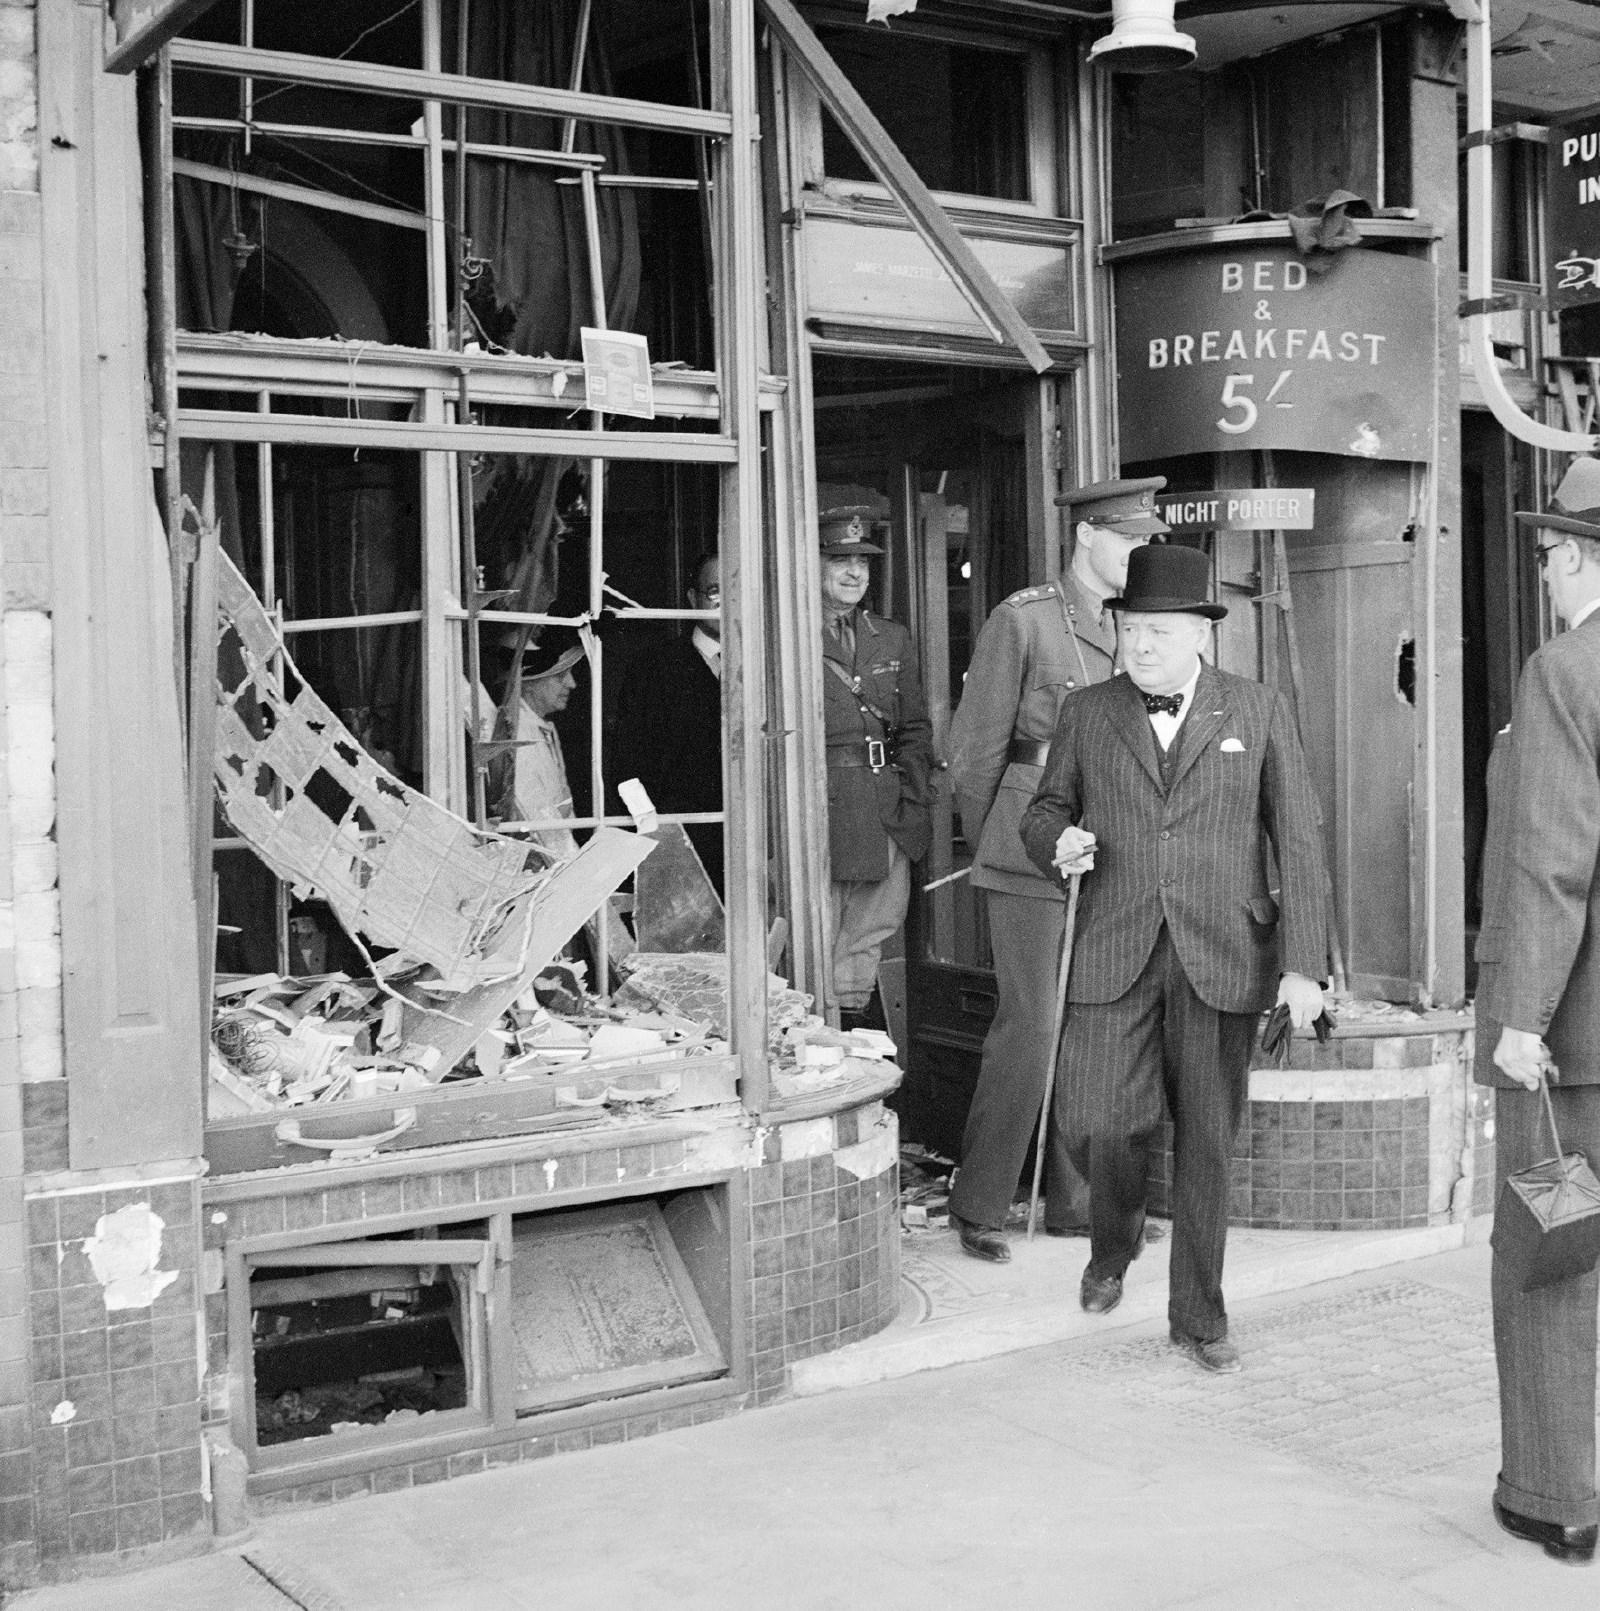 Churchill inspects air raid damage in August 1940